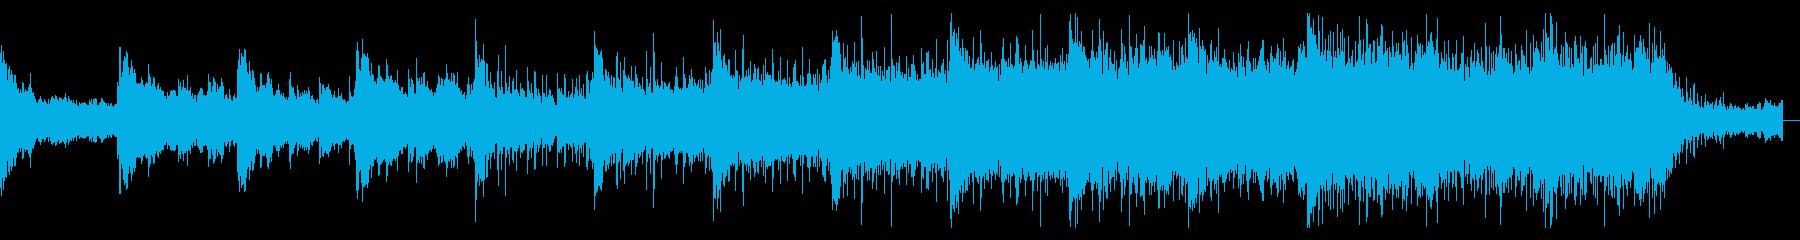 陰鬱でダークなホラーアンビエントの再生済みの波形